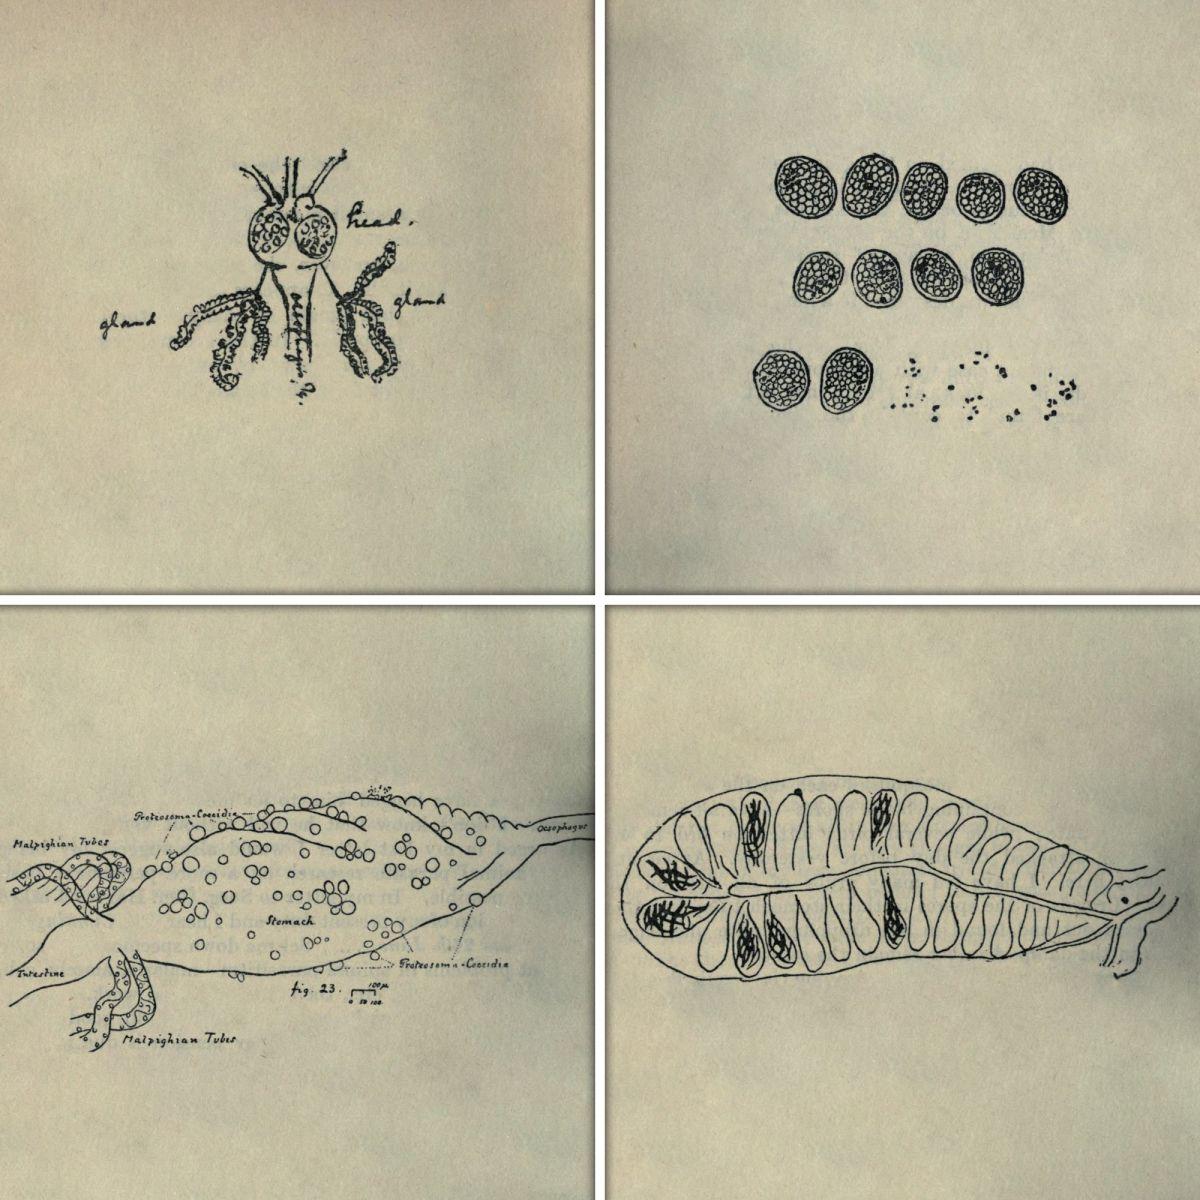 Зарисовки из писем и публикаций Рональда Росса